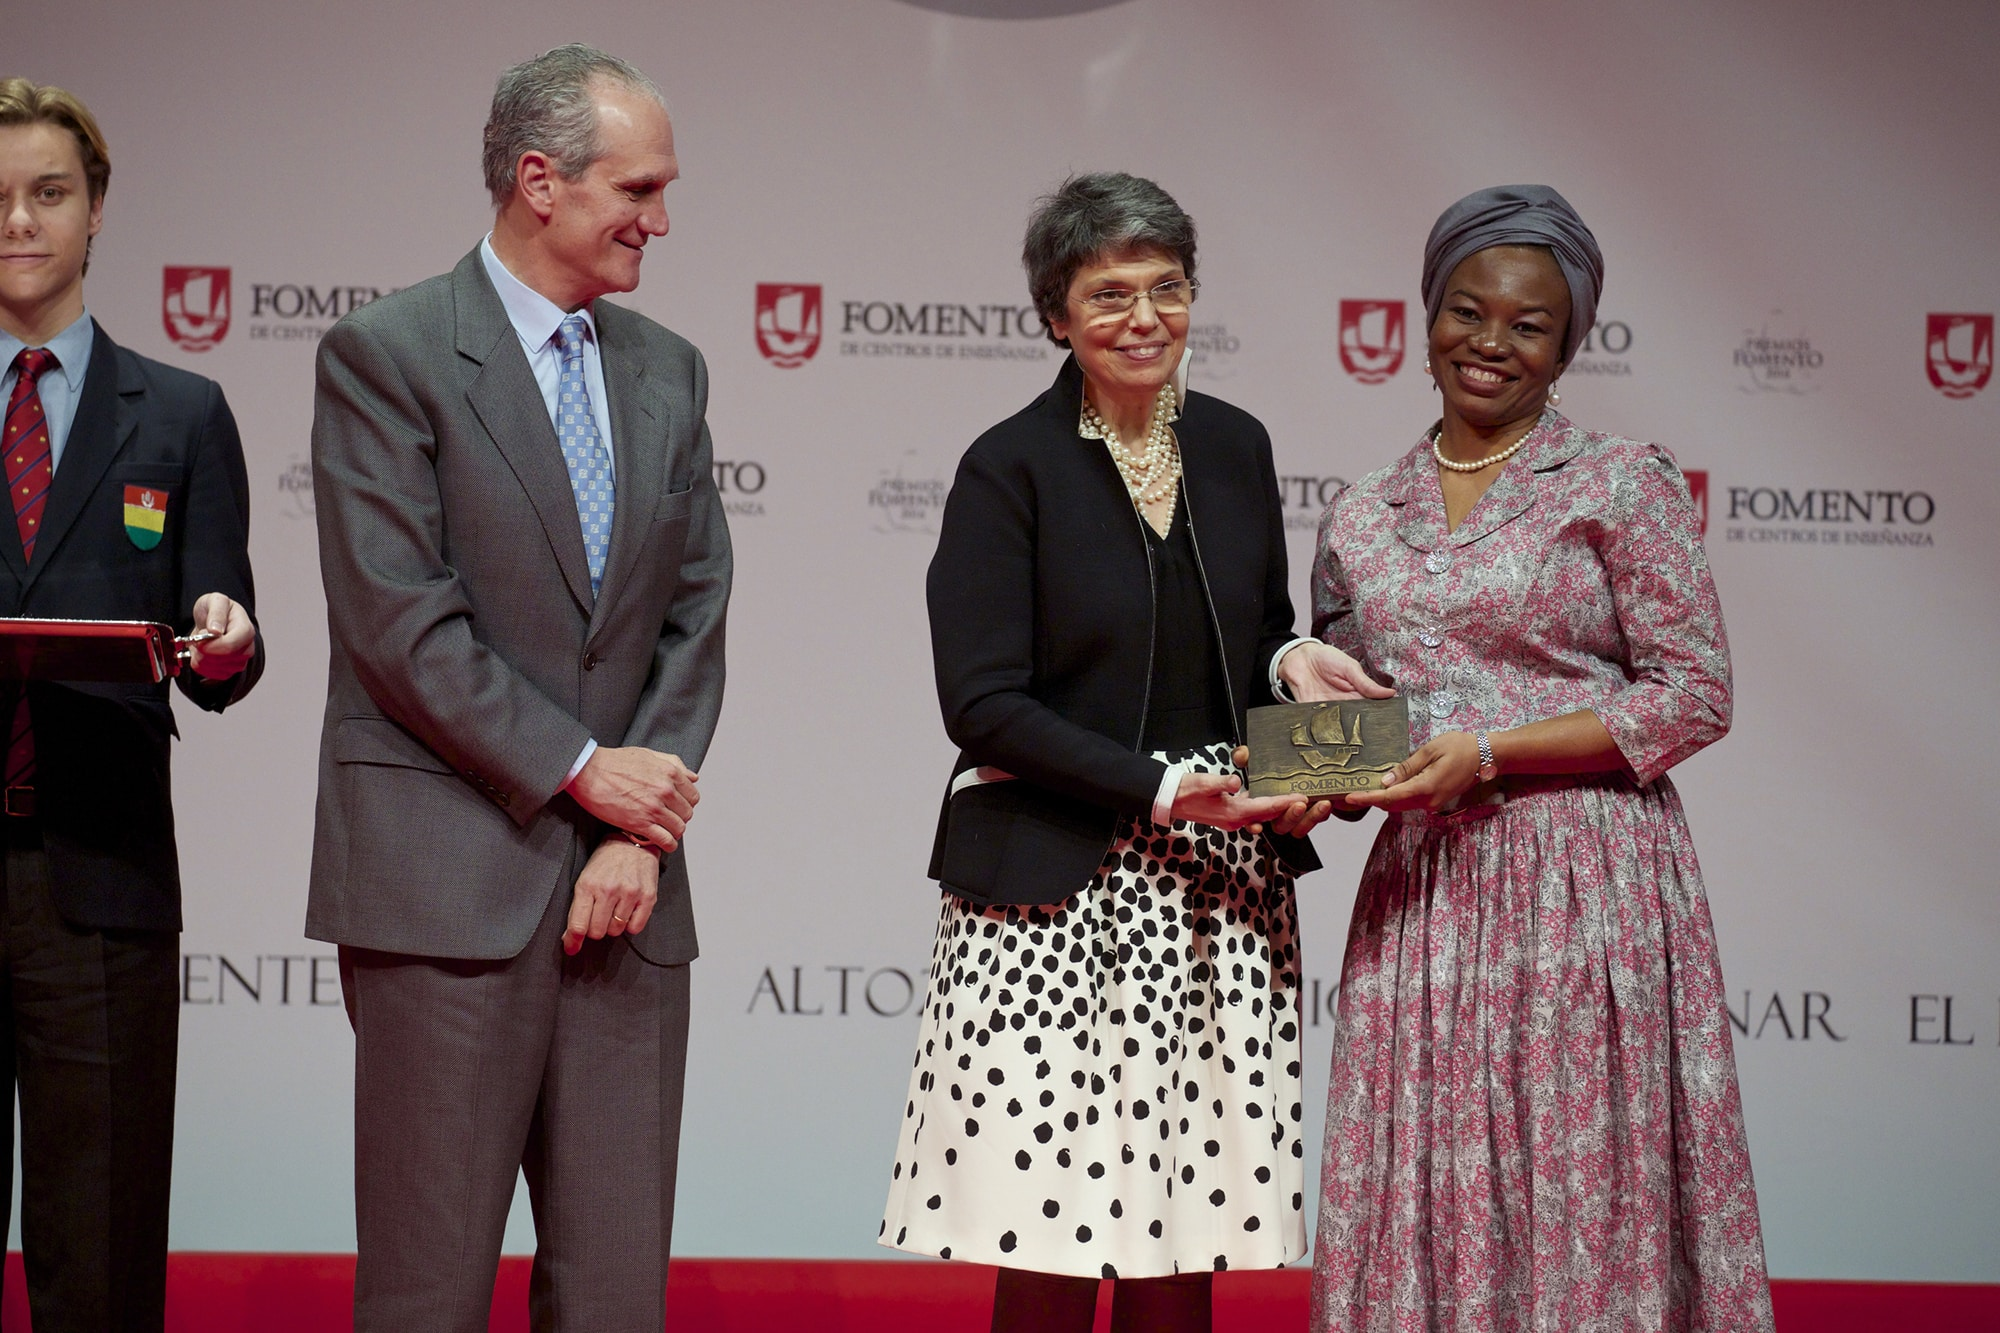 Harambee recibe el Premio Fomento 2016